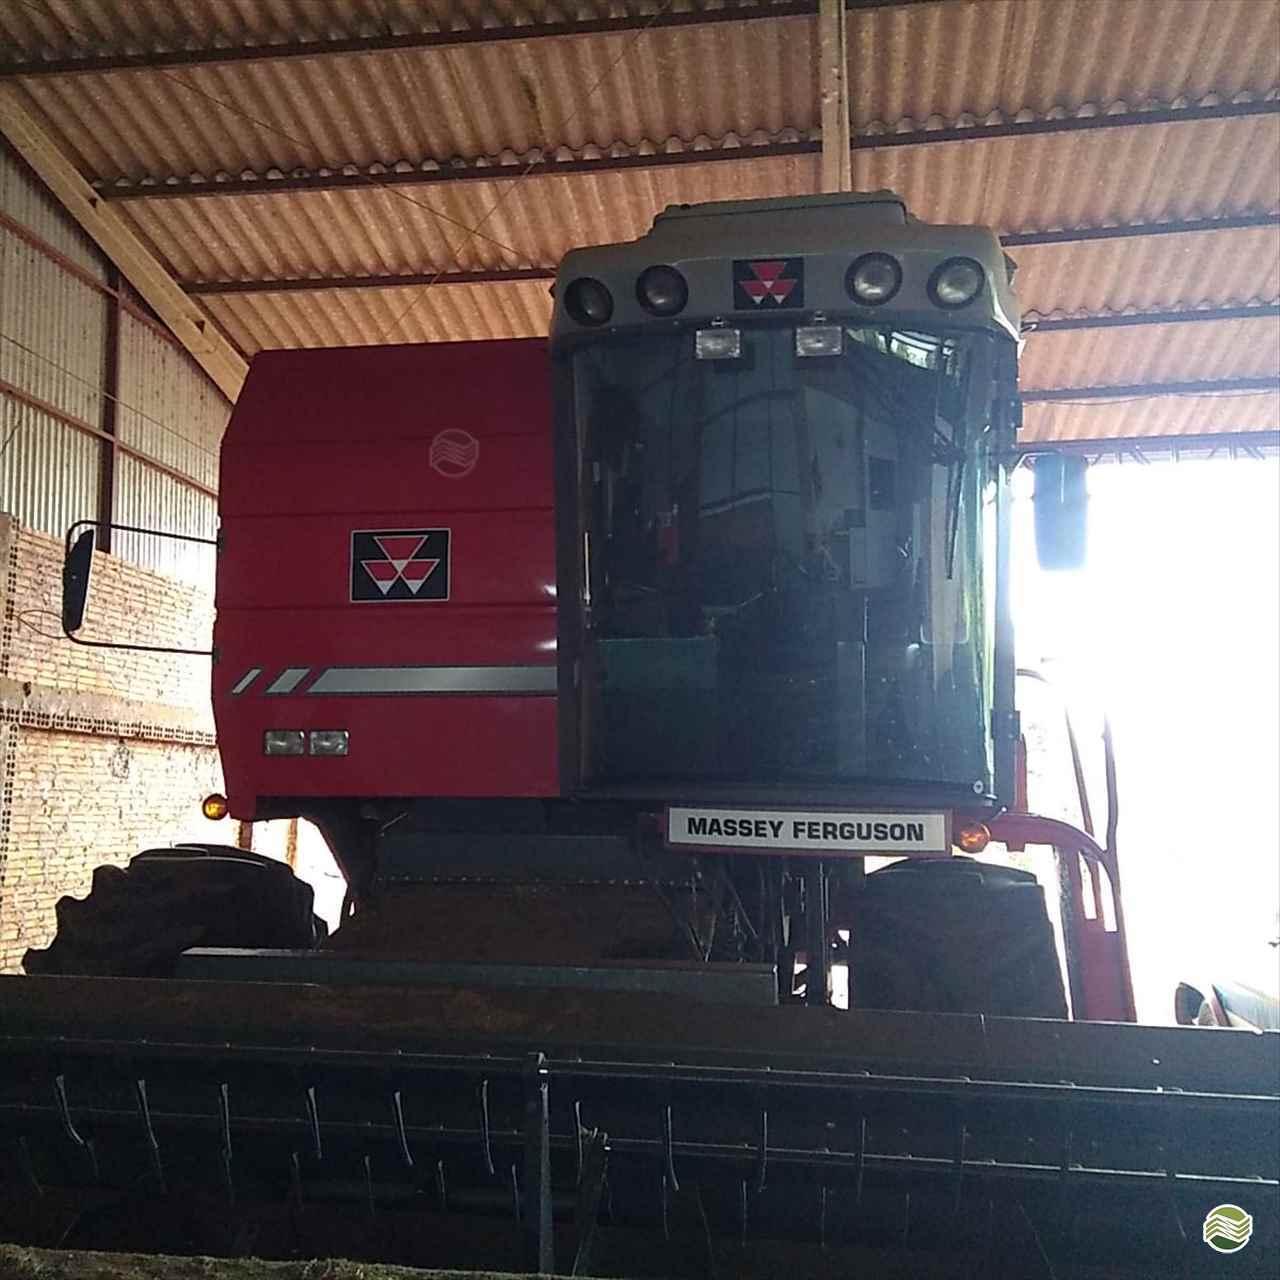 COLHEITADEIRA MASSEY FERGUSON MF 5650 LG Peças e Máquinas Agrícolas CHOPINZINHO PARANÁ PR